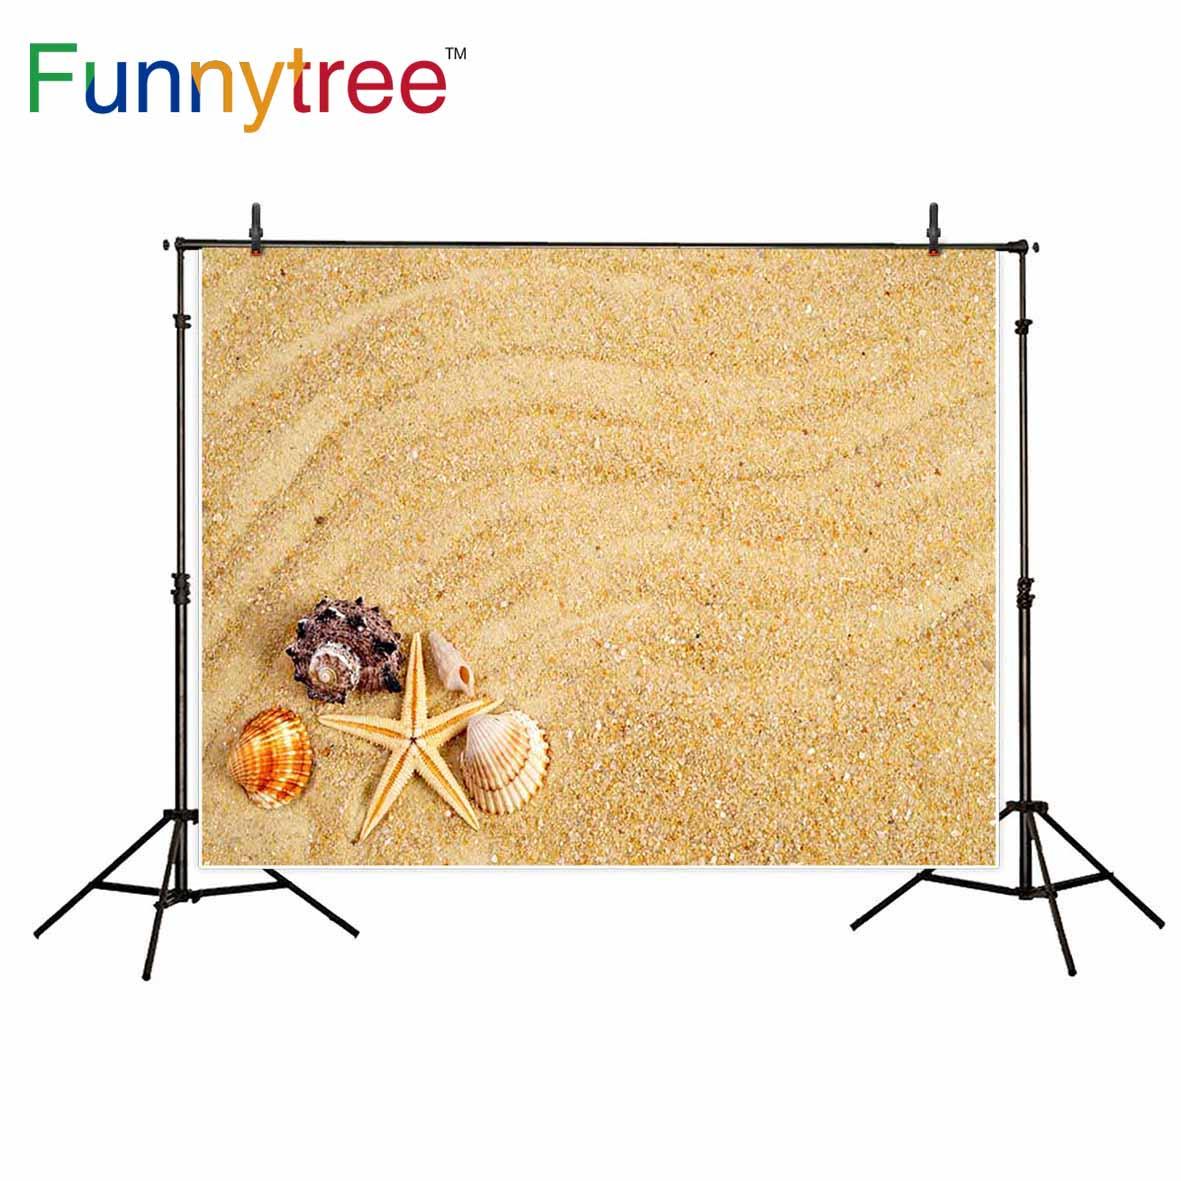 Фоны funnytree для фотостудии песчаный пляж ракушка Морская звезда Летний фон для фотосъемки Фотофон с принтом